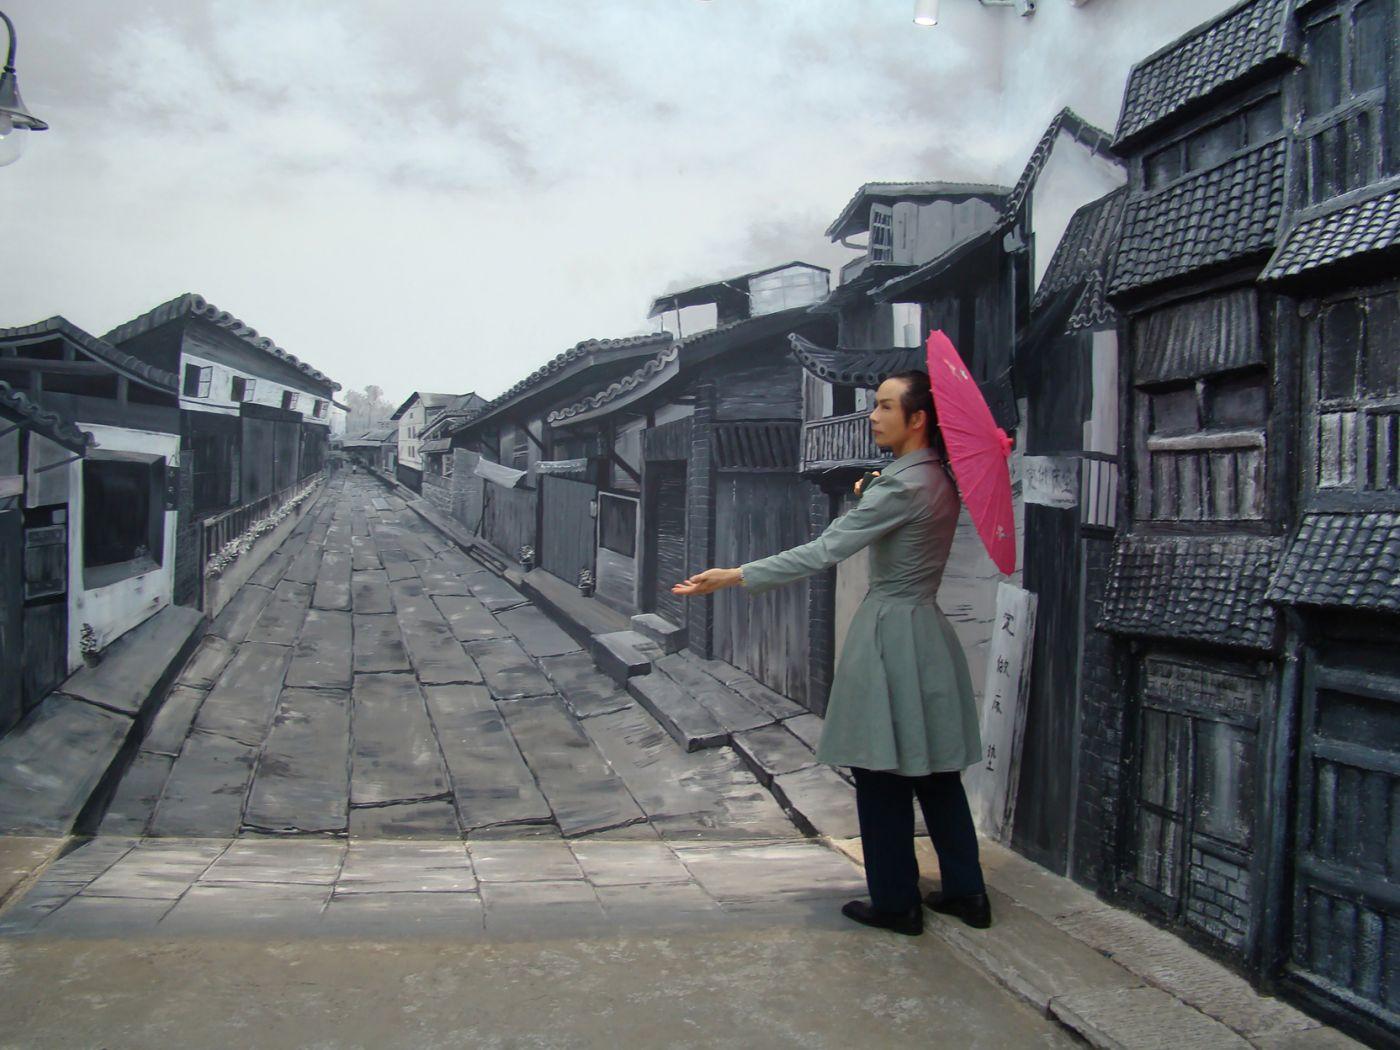 黄桷垭老街_图1-11